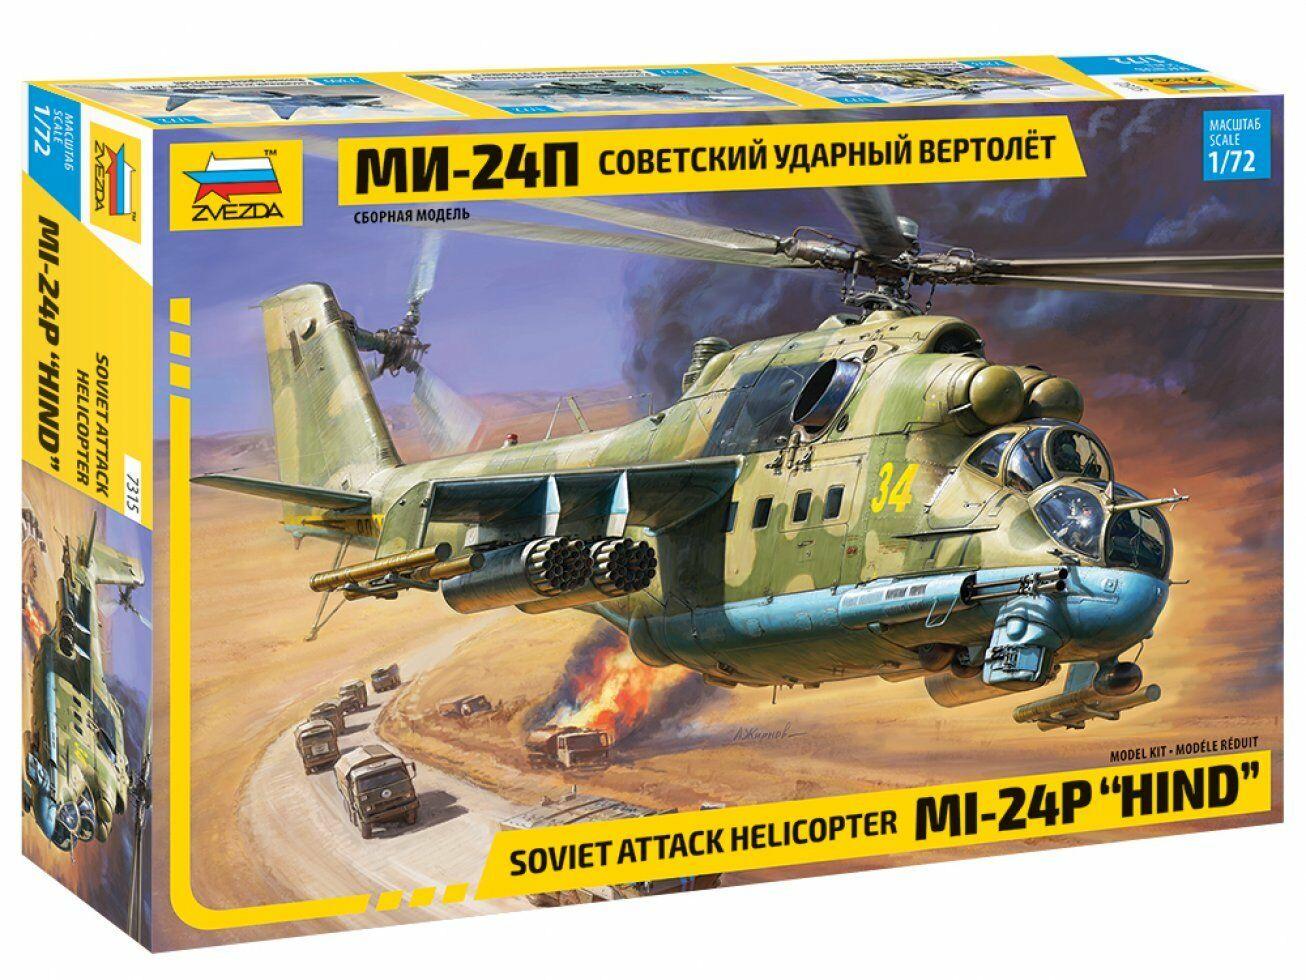 Купить ЗВЕЗДА Сборная модель. Советский ударный вертолет Ми-24П 7315, ZVEZDA, Воздушный транспорт